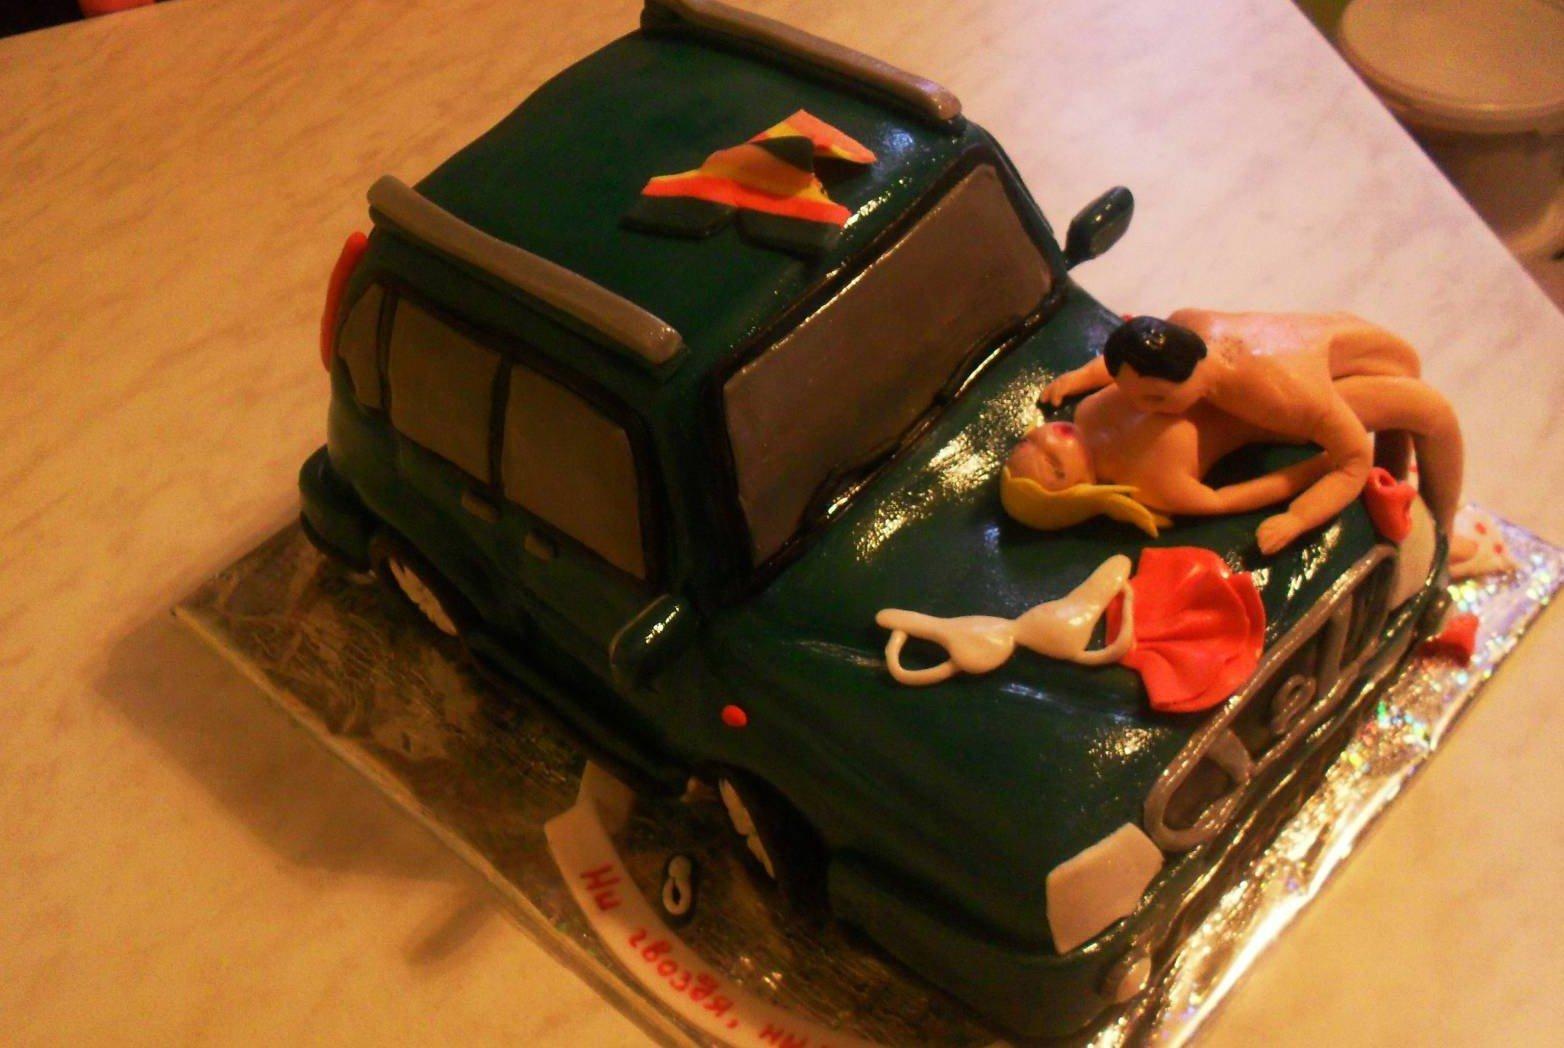 торт с приколом прикольное оформление тортов торты с приколами на день рождения фото